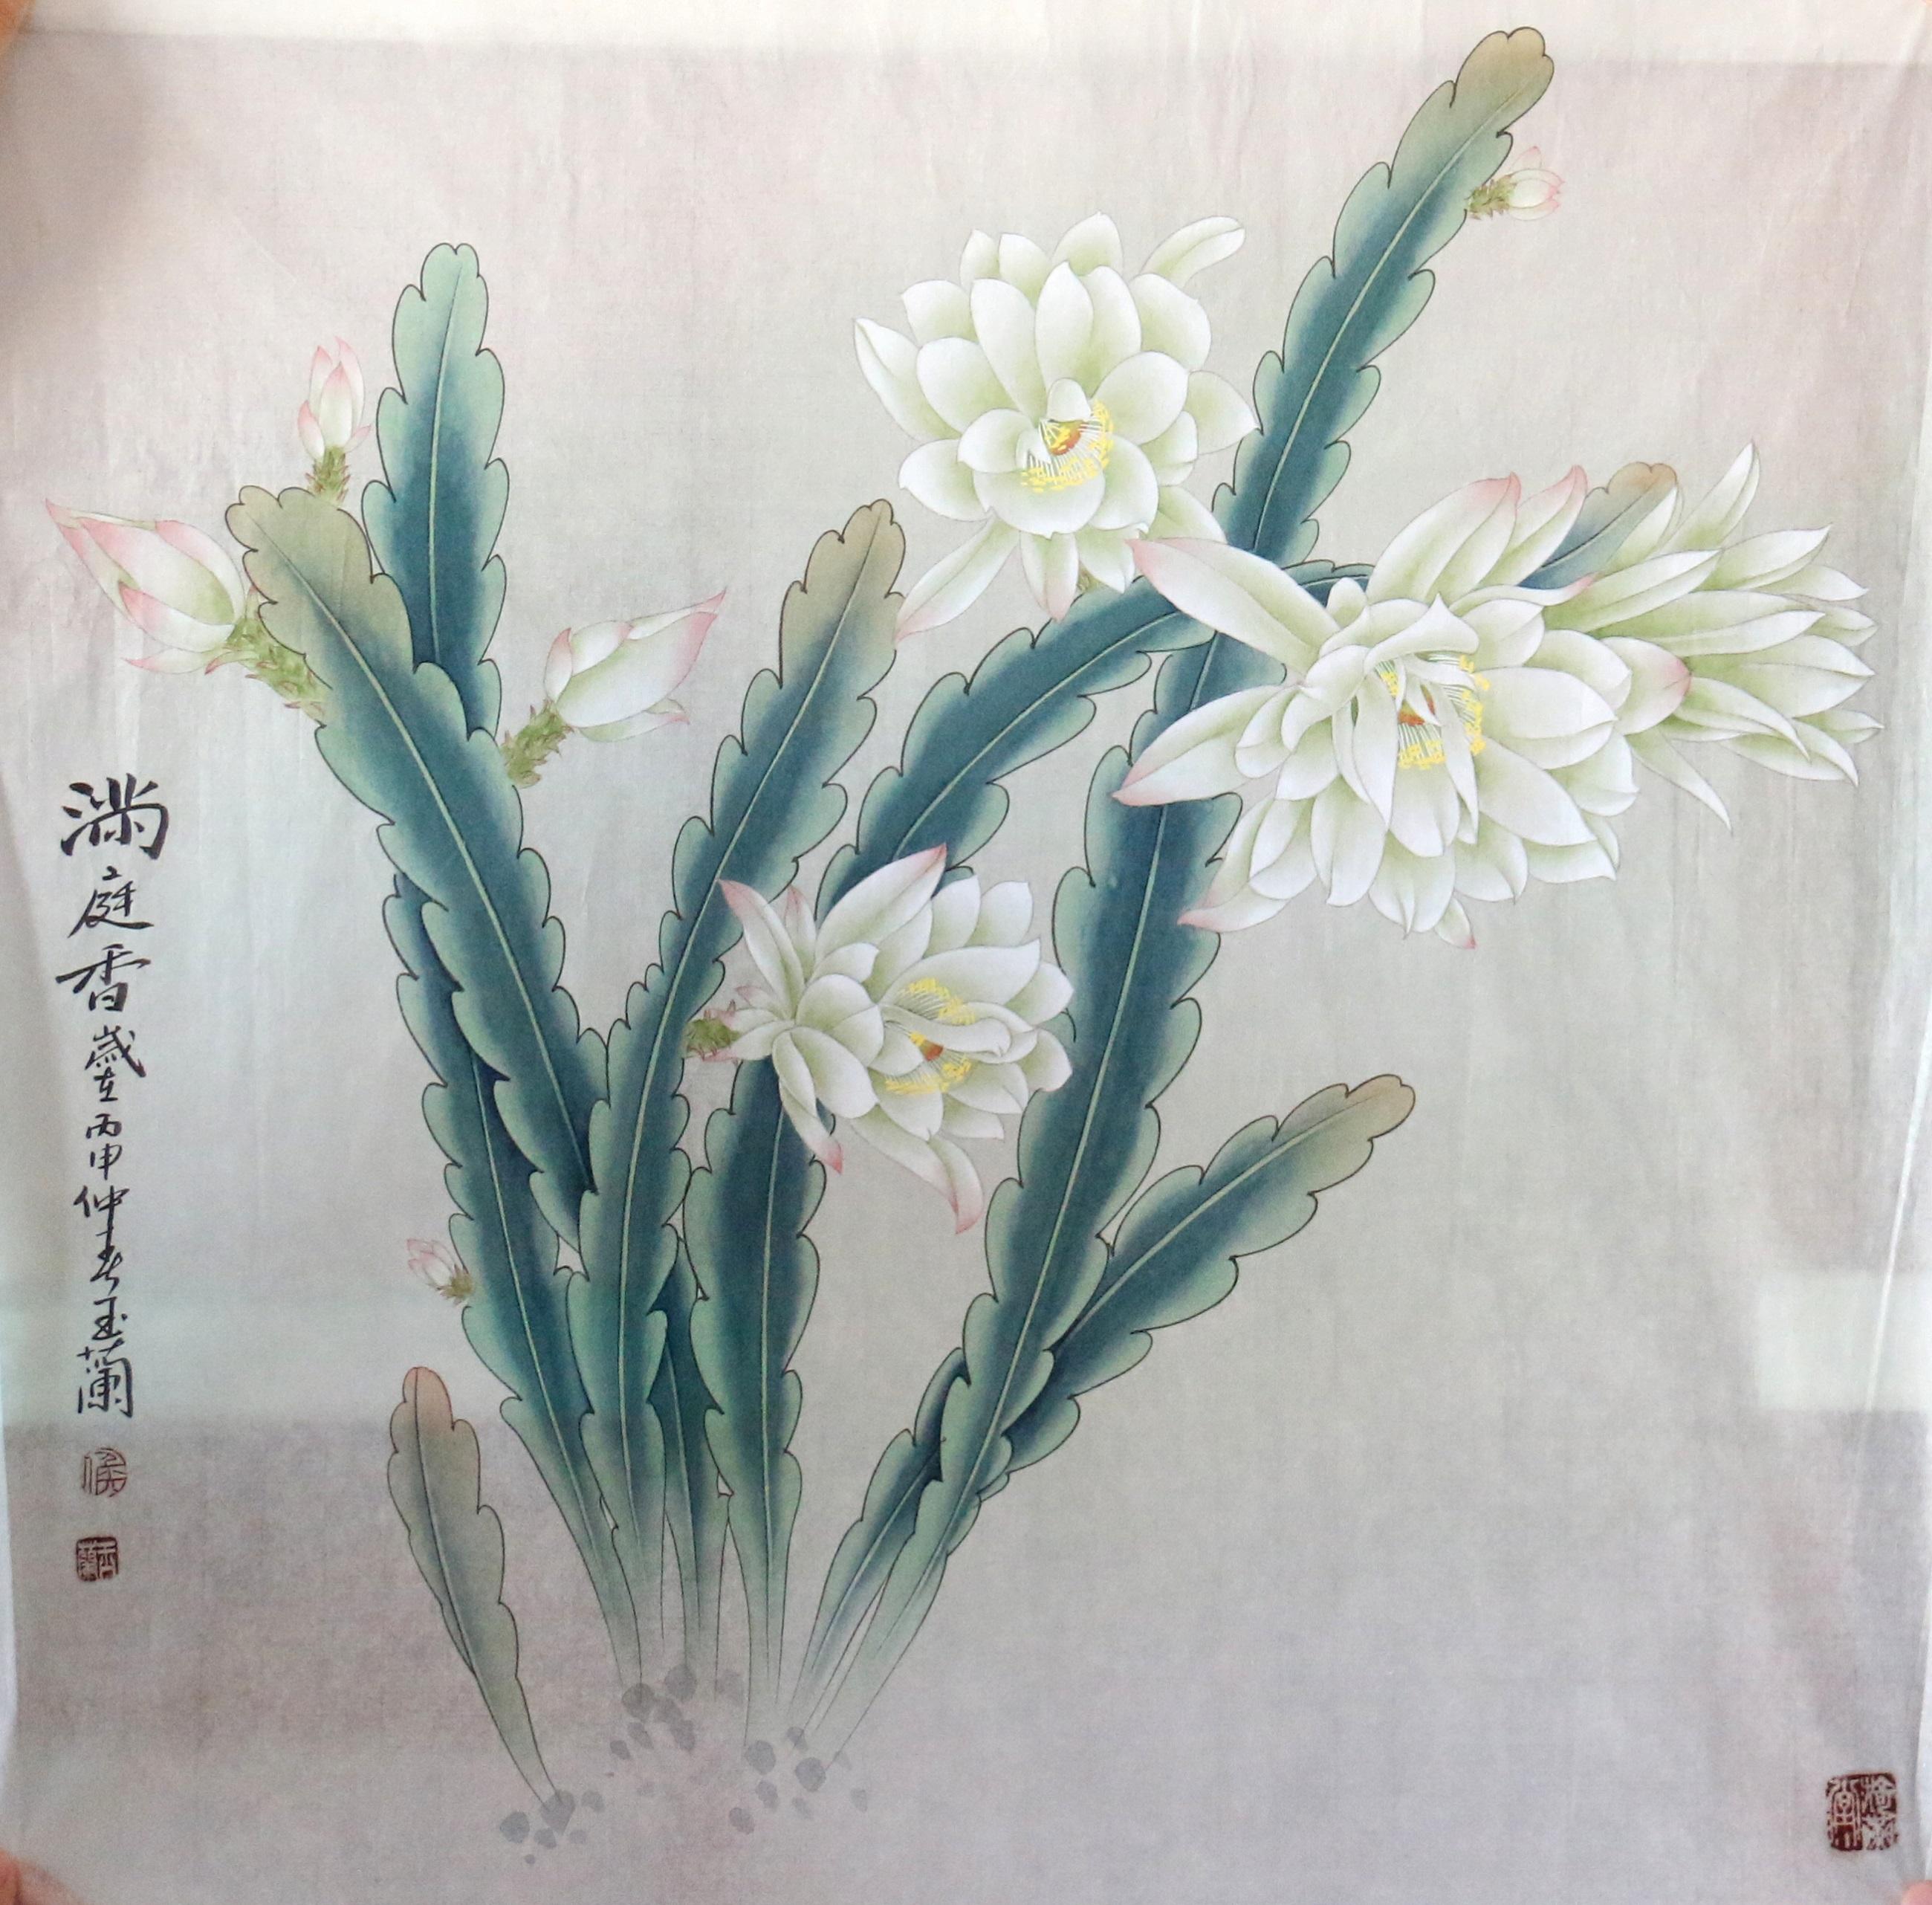 宣和书画商城:赏析侯玉兰老师作品